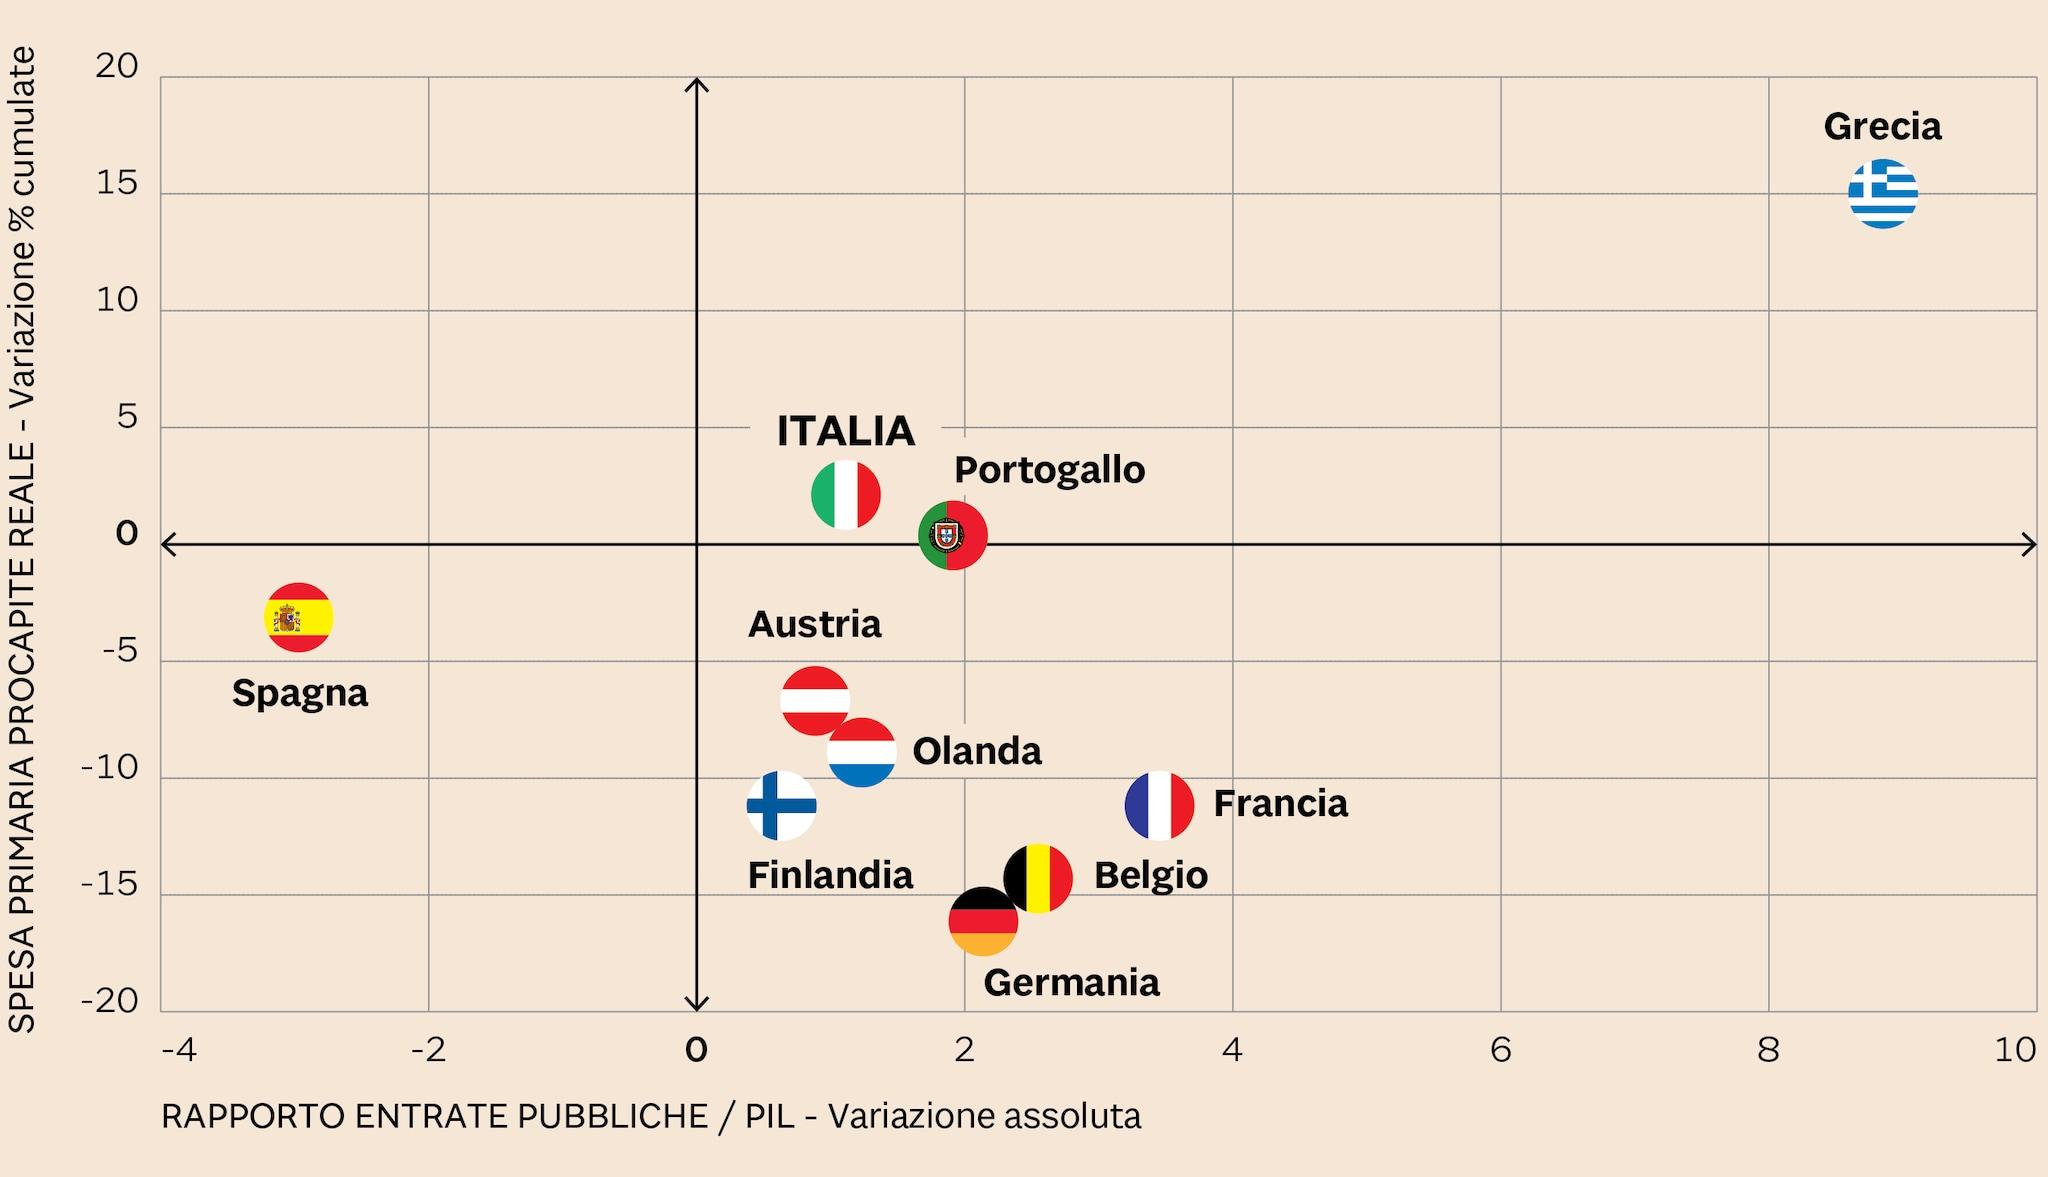 LO SFORZO DELLA POLITICA DI BILANCIO DAL LATO DELLE ENTRATE E DAL LATO DELLA SPESA